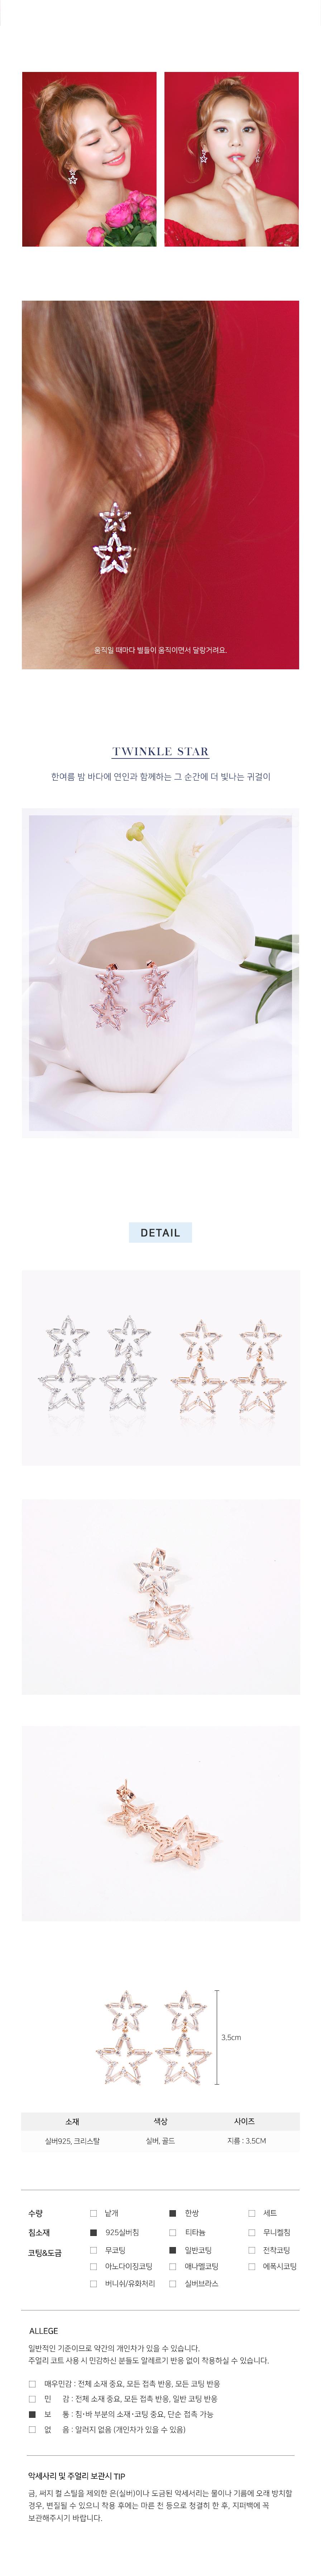 트윙클 스타 드롭 귀걸이 - 아르뉴, 25,000원, 실버, 드롭귀걸이